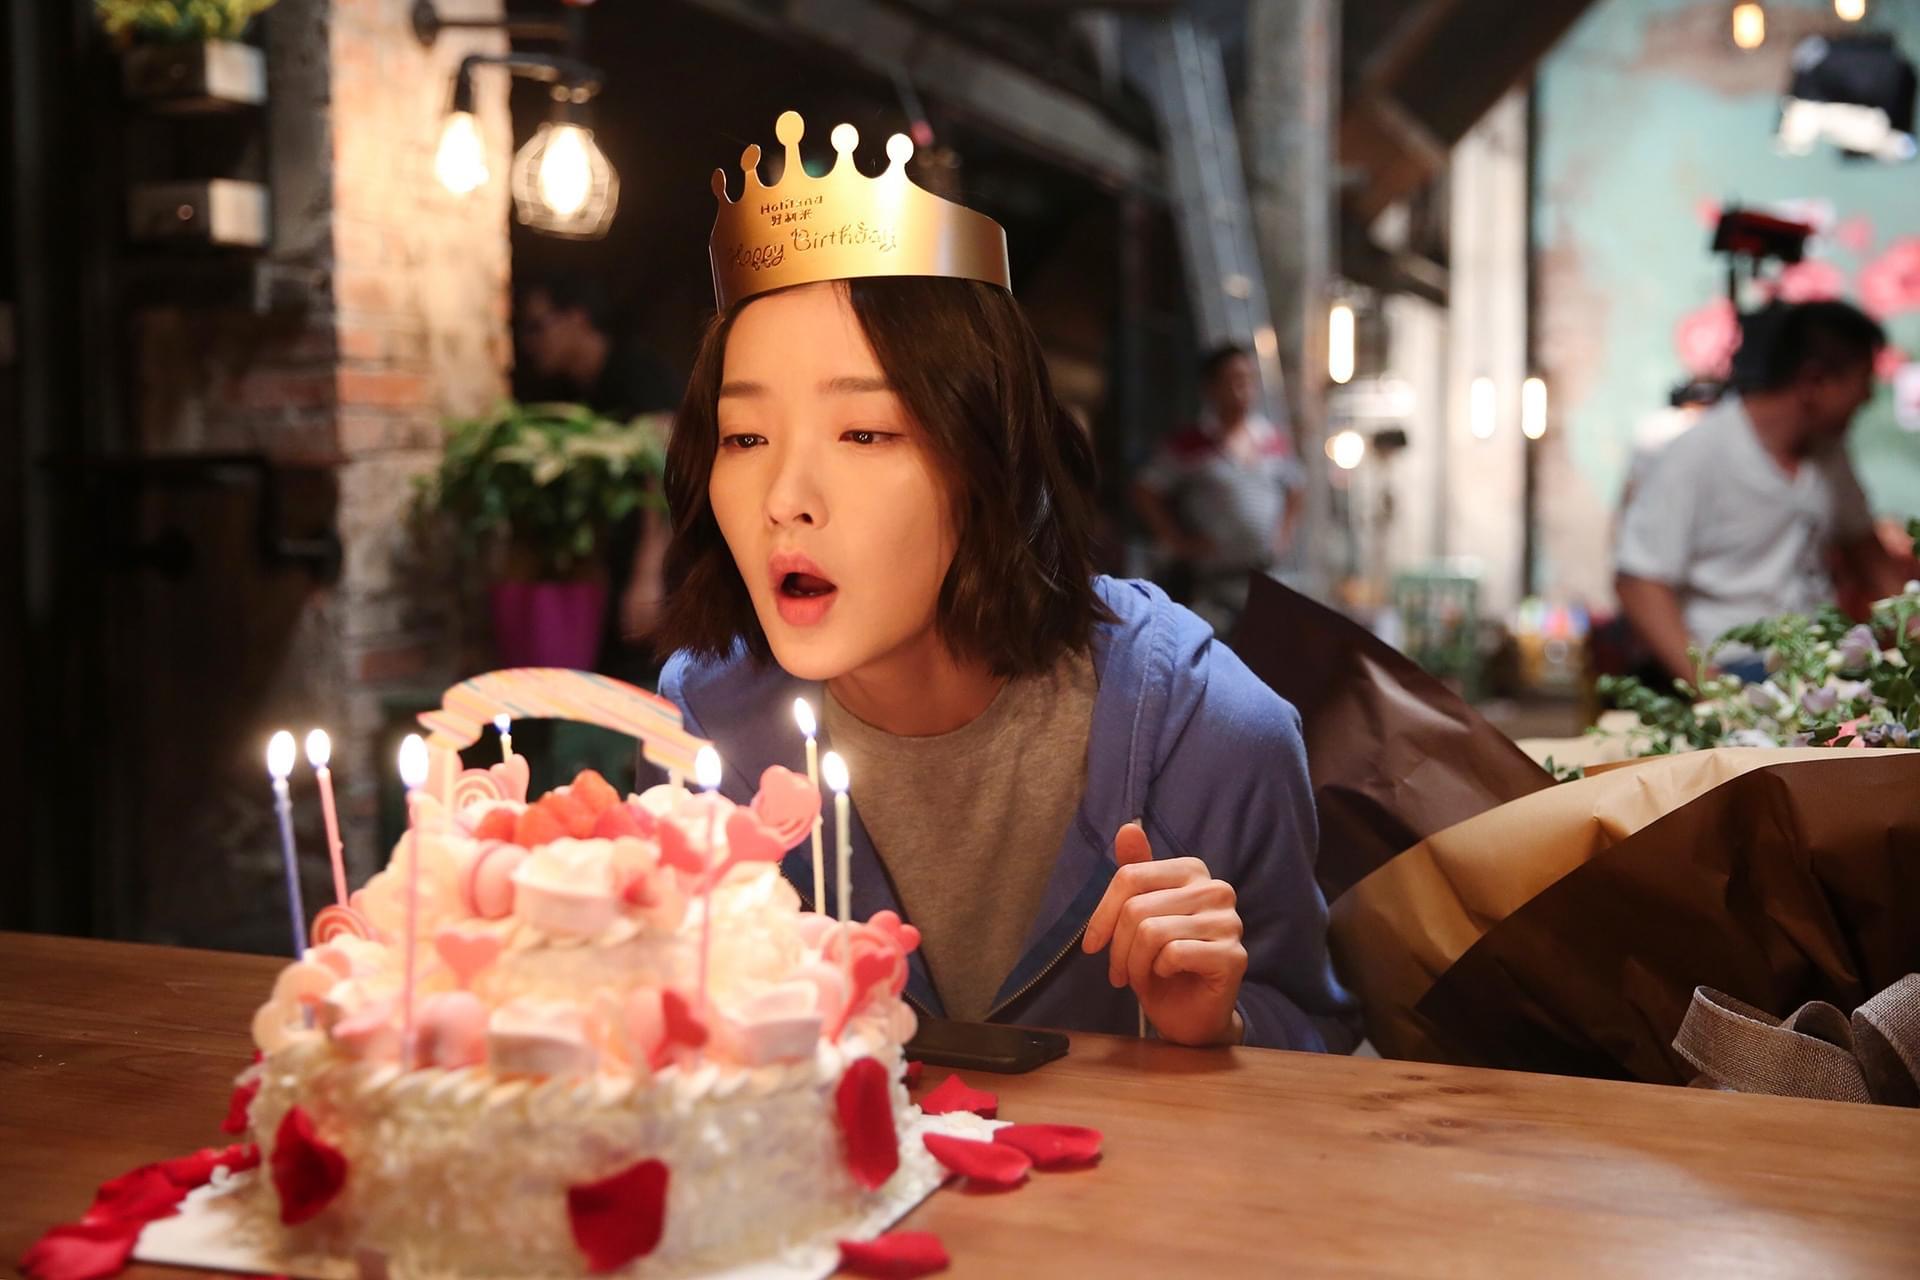 陈晓霍建起为杜鹃剧组庆生 生日心愿是马上结婚